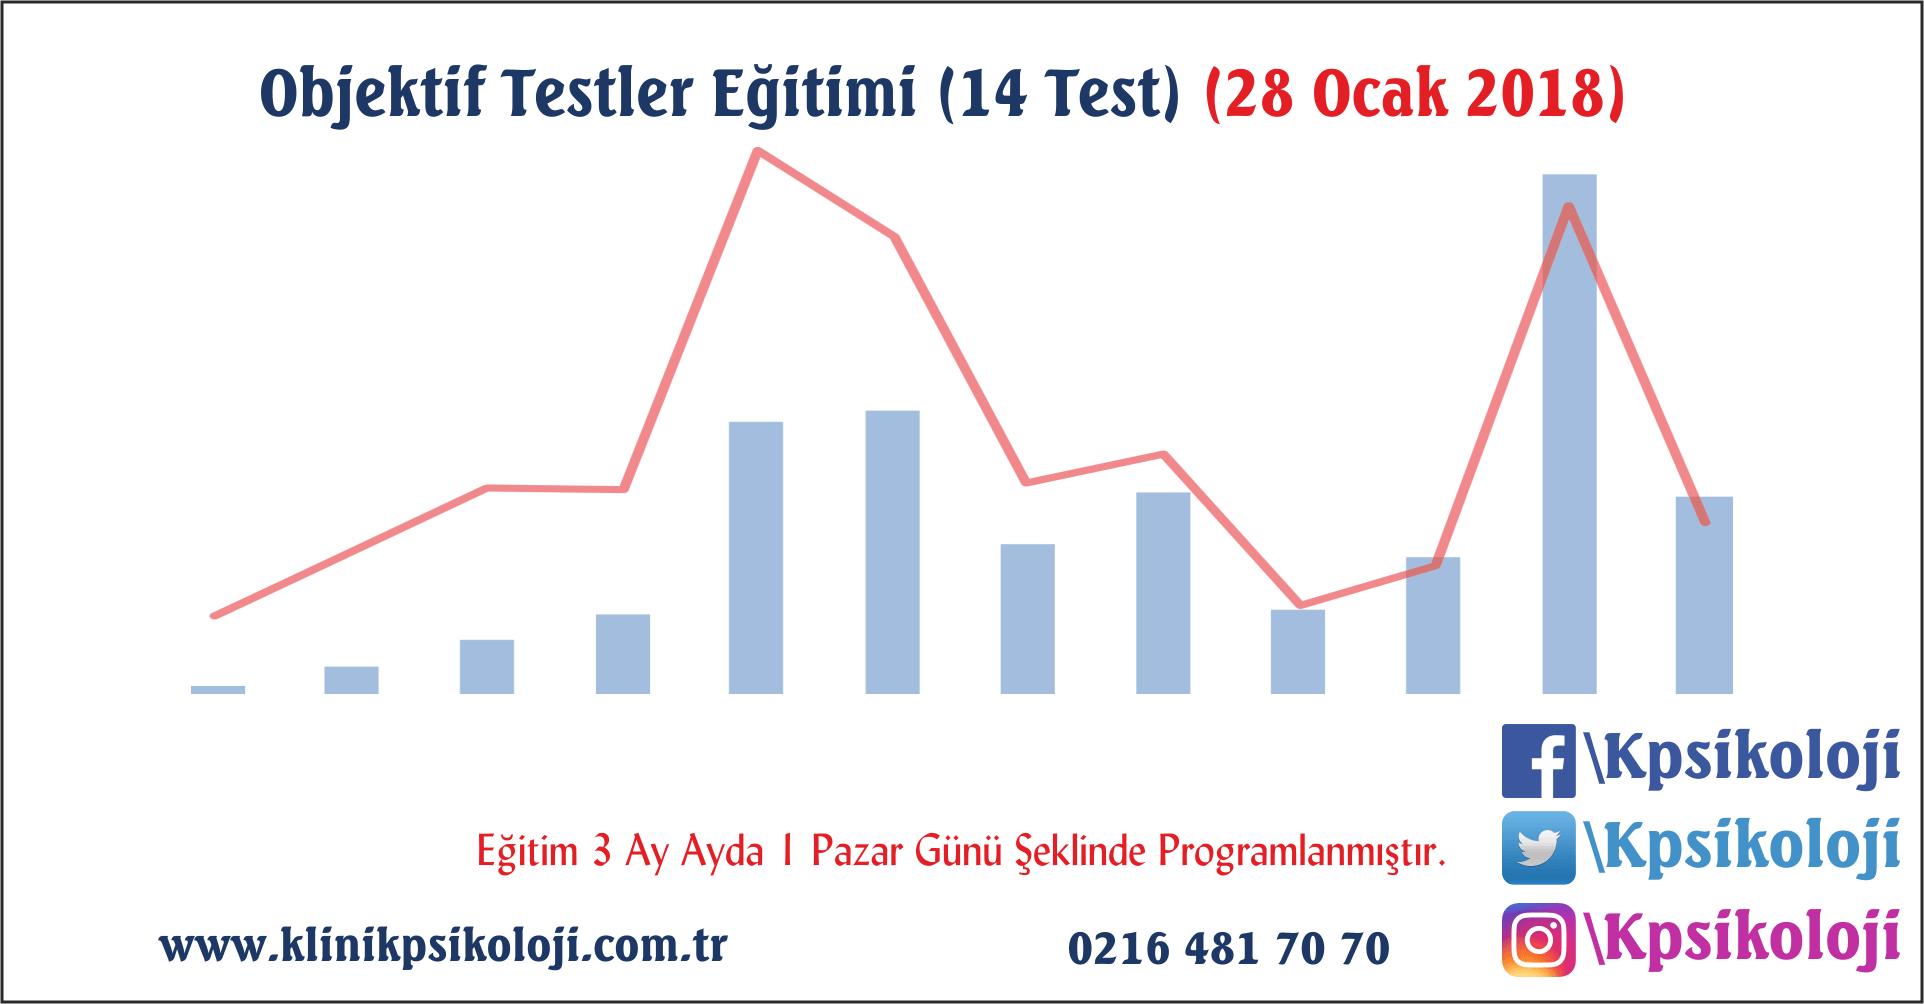 Objektif Testler Eğitimi (14 Test) (28 Ocak 2018)